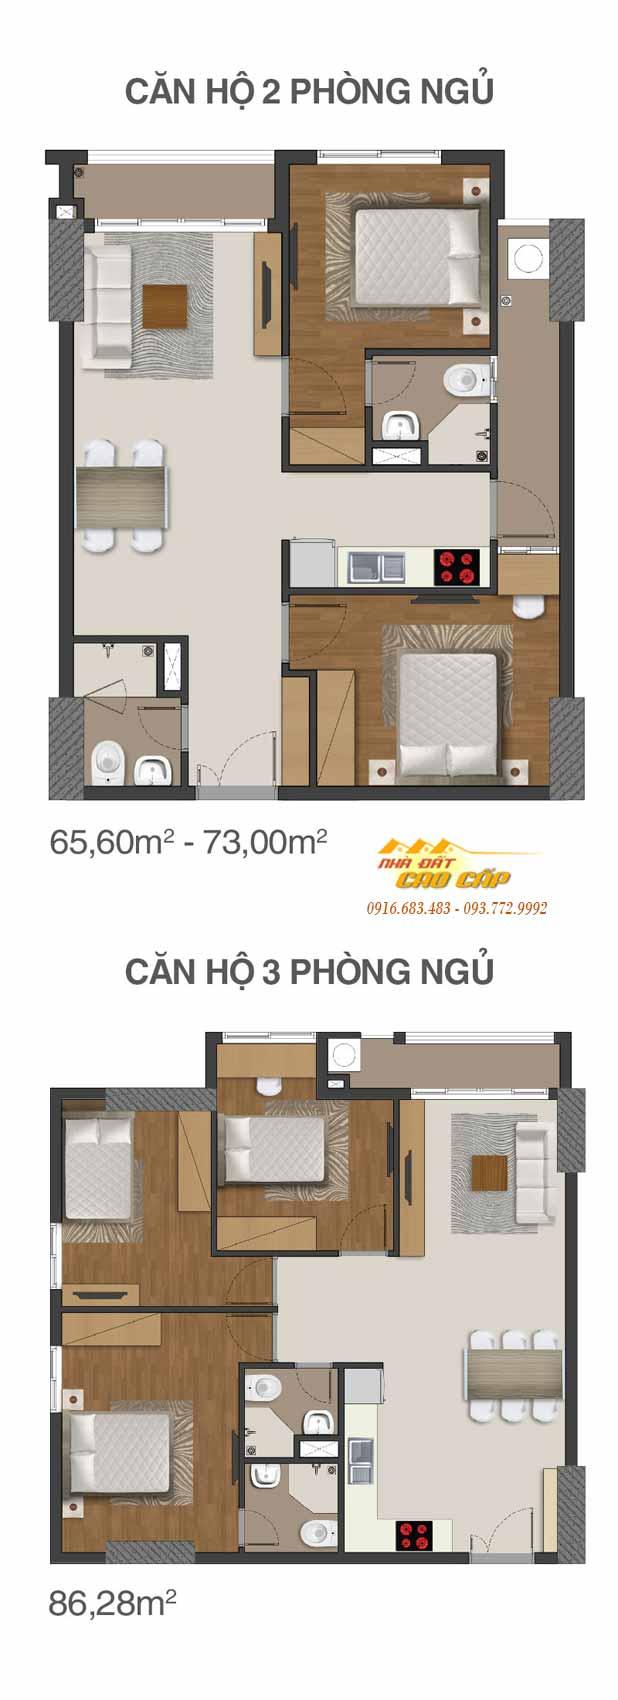 phoi-canh-3d-cua-can-ho-richmond